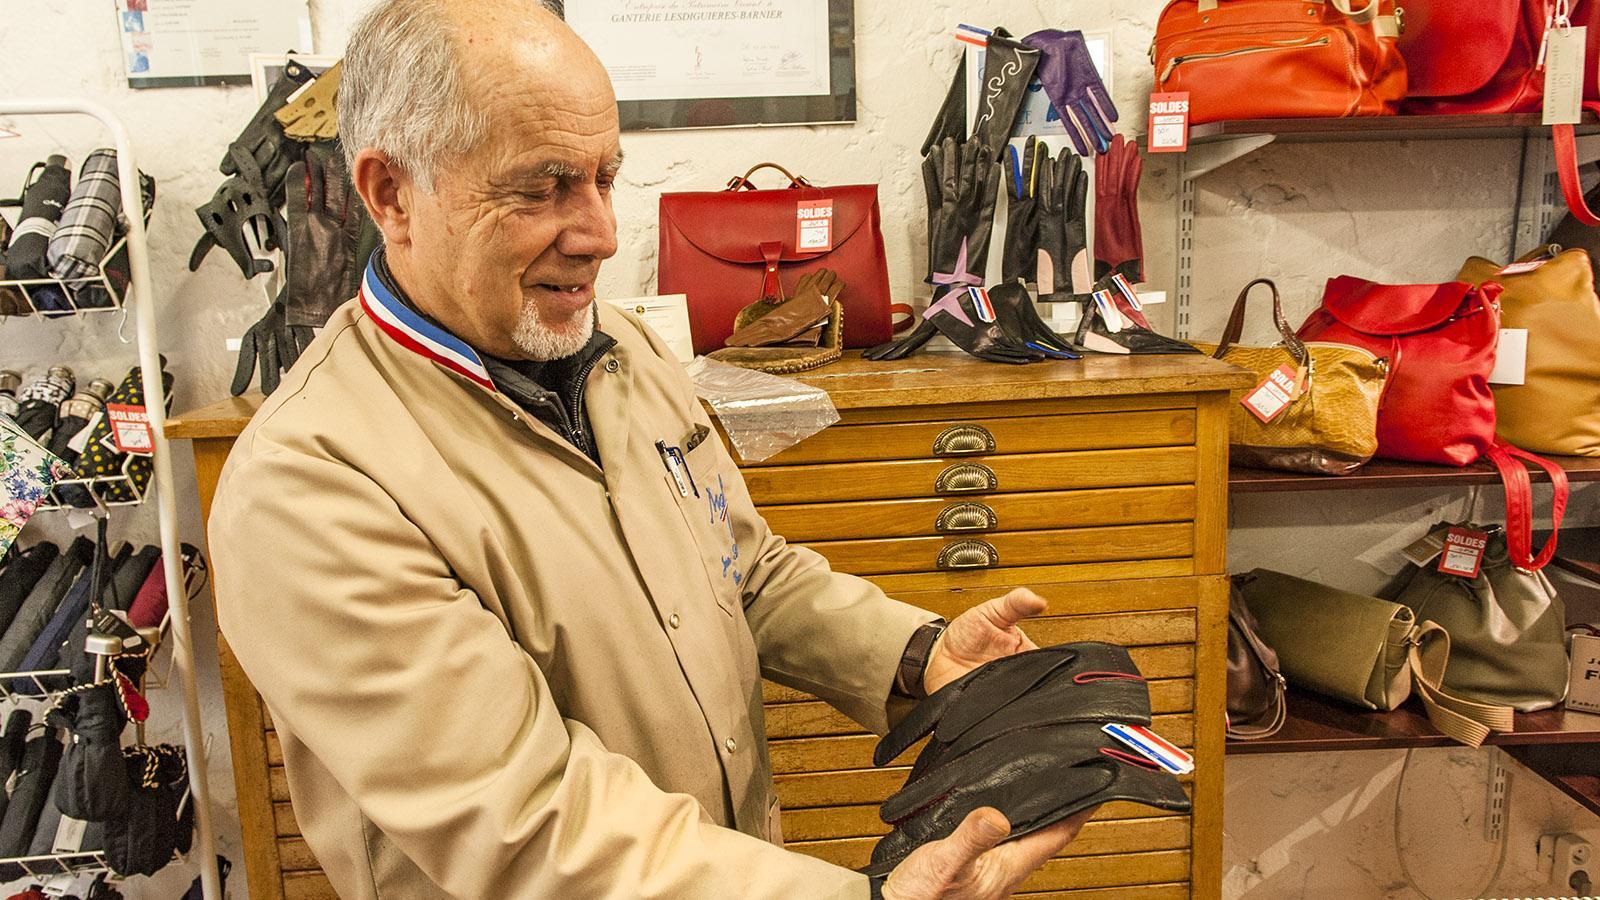 Monsieur Strazerri mit einem handgenähten Herrenhandschuh. Foto: Hilke Maunder